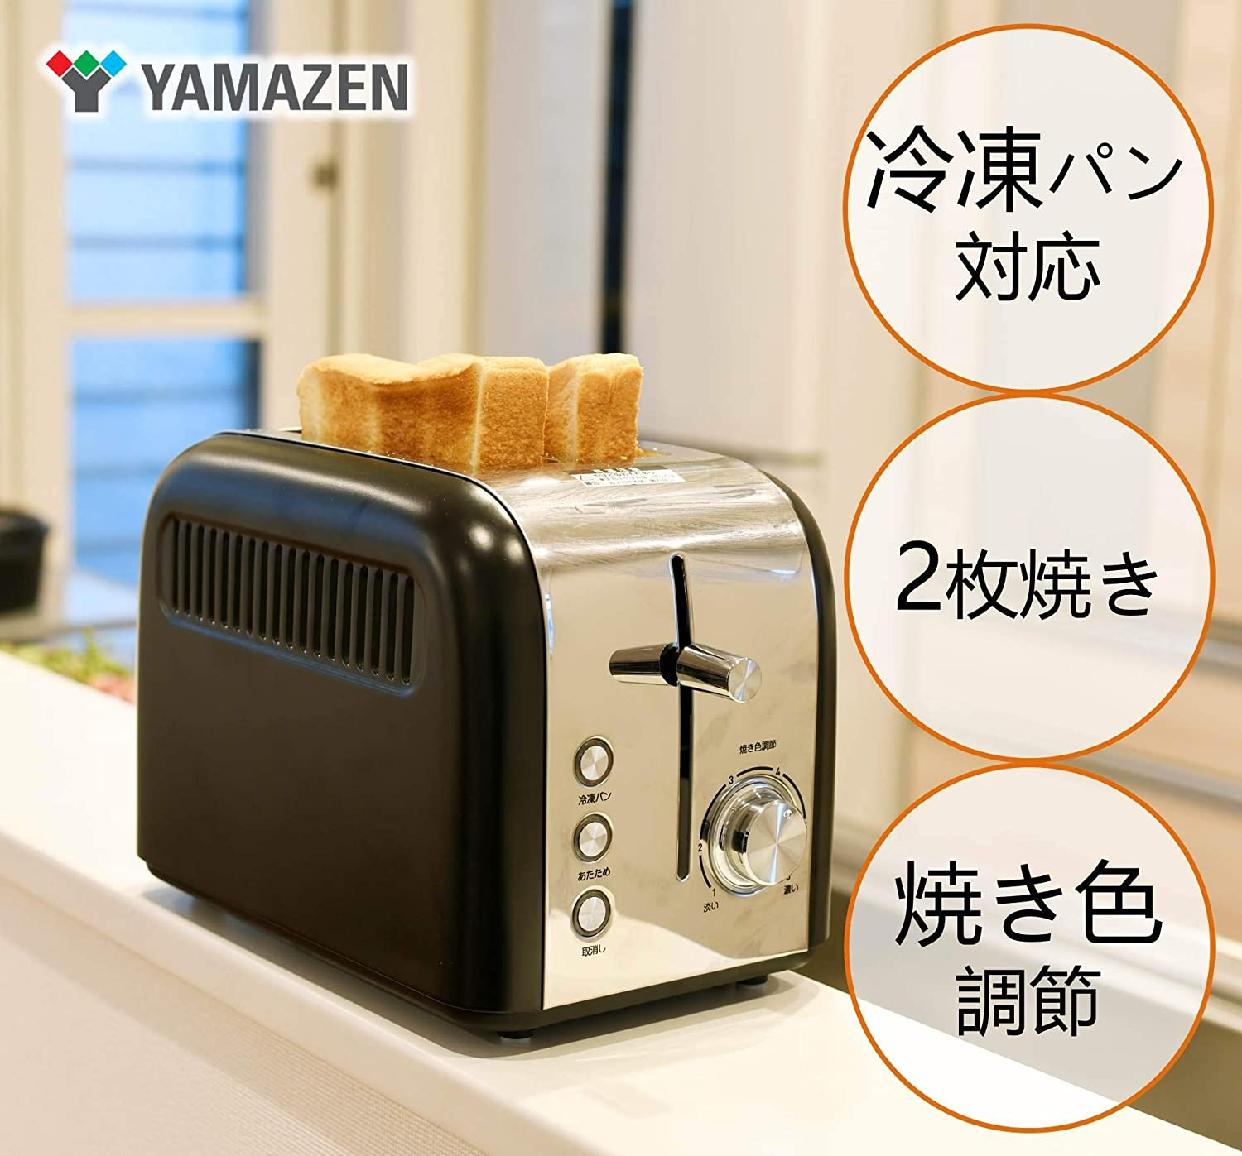 山善(YAMAZEN) ポップアップトースター シルバー YUC-S850の商品画像2